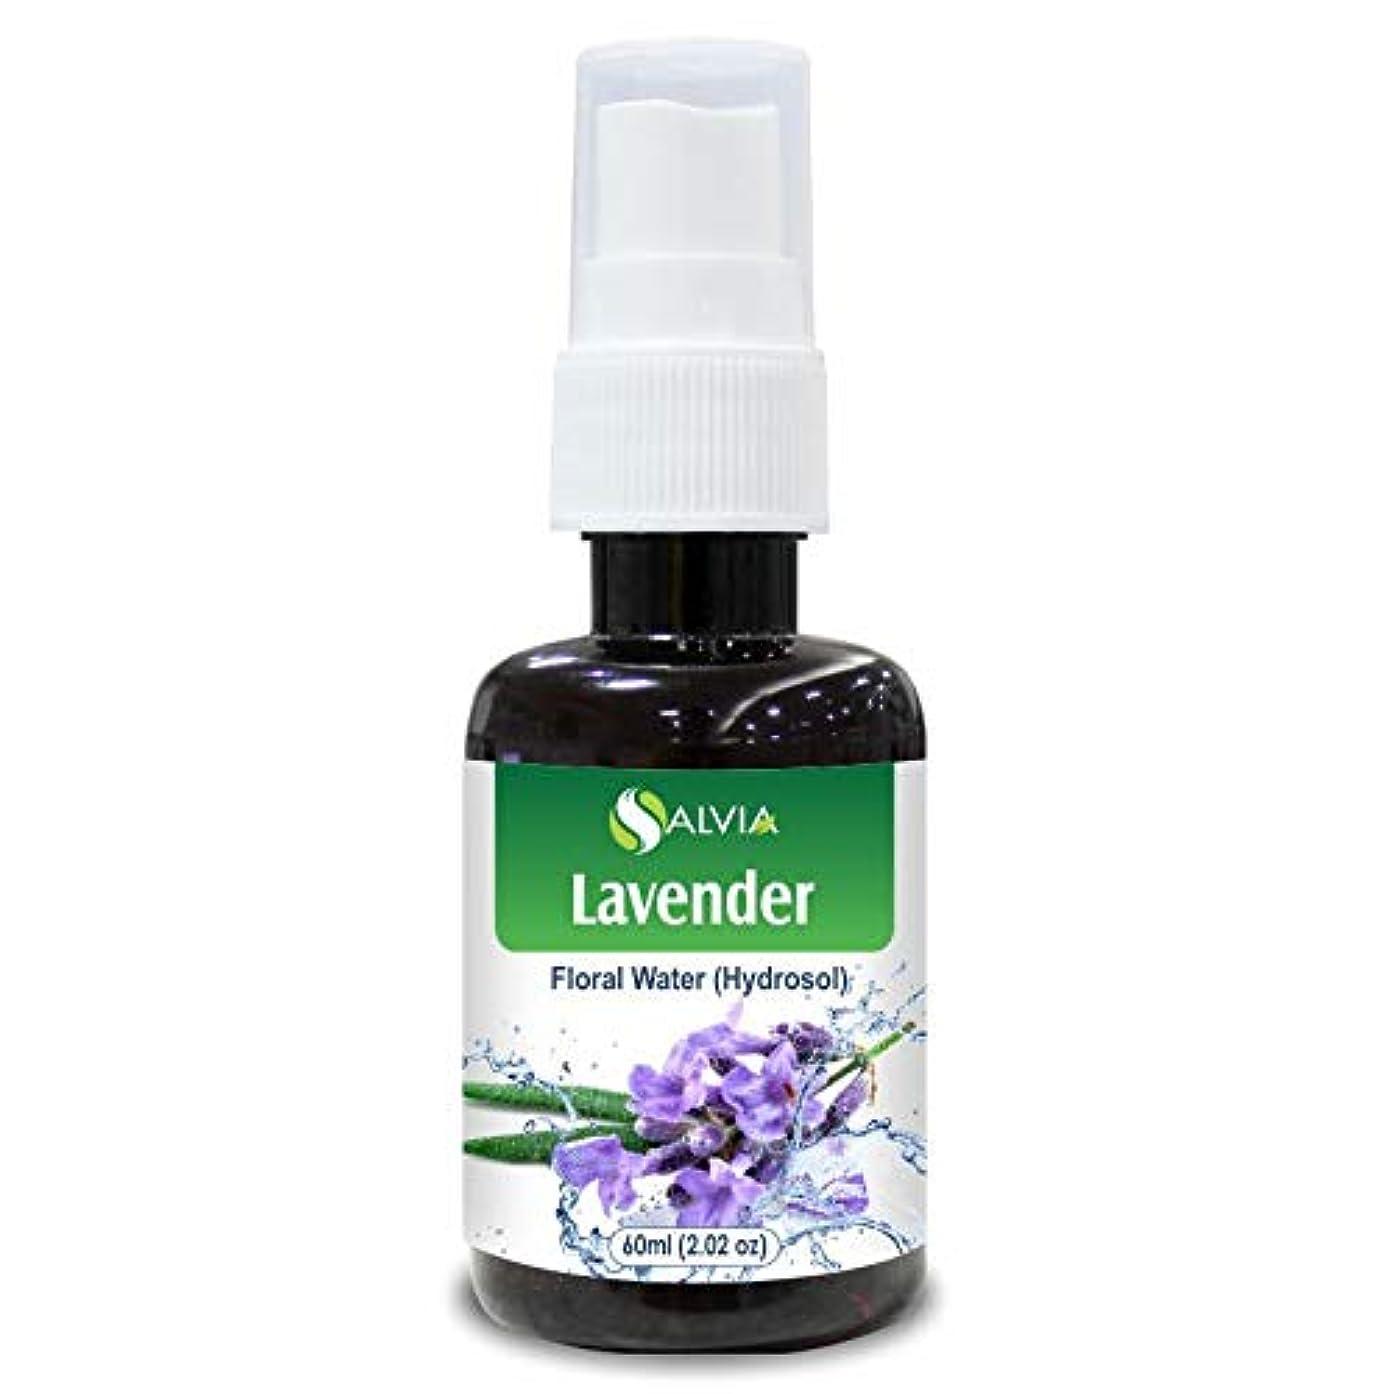 体操クライストチャーチスキムLavender Floral Water 60ml (Hydrosol) 100% Pure And Natural